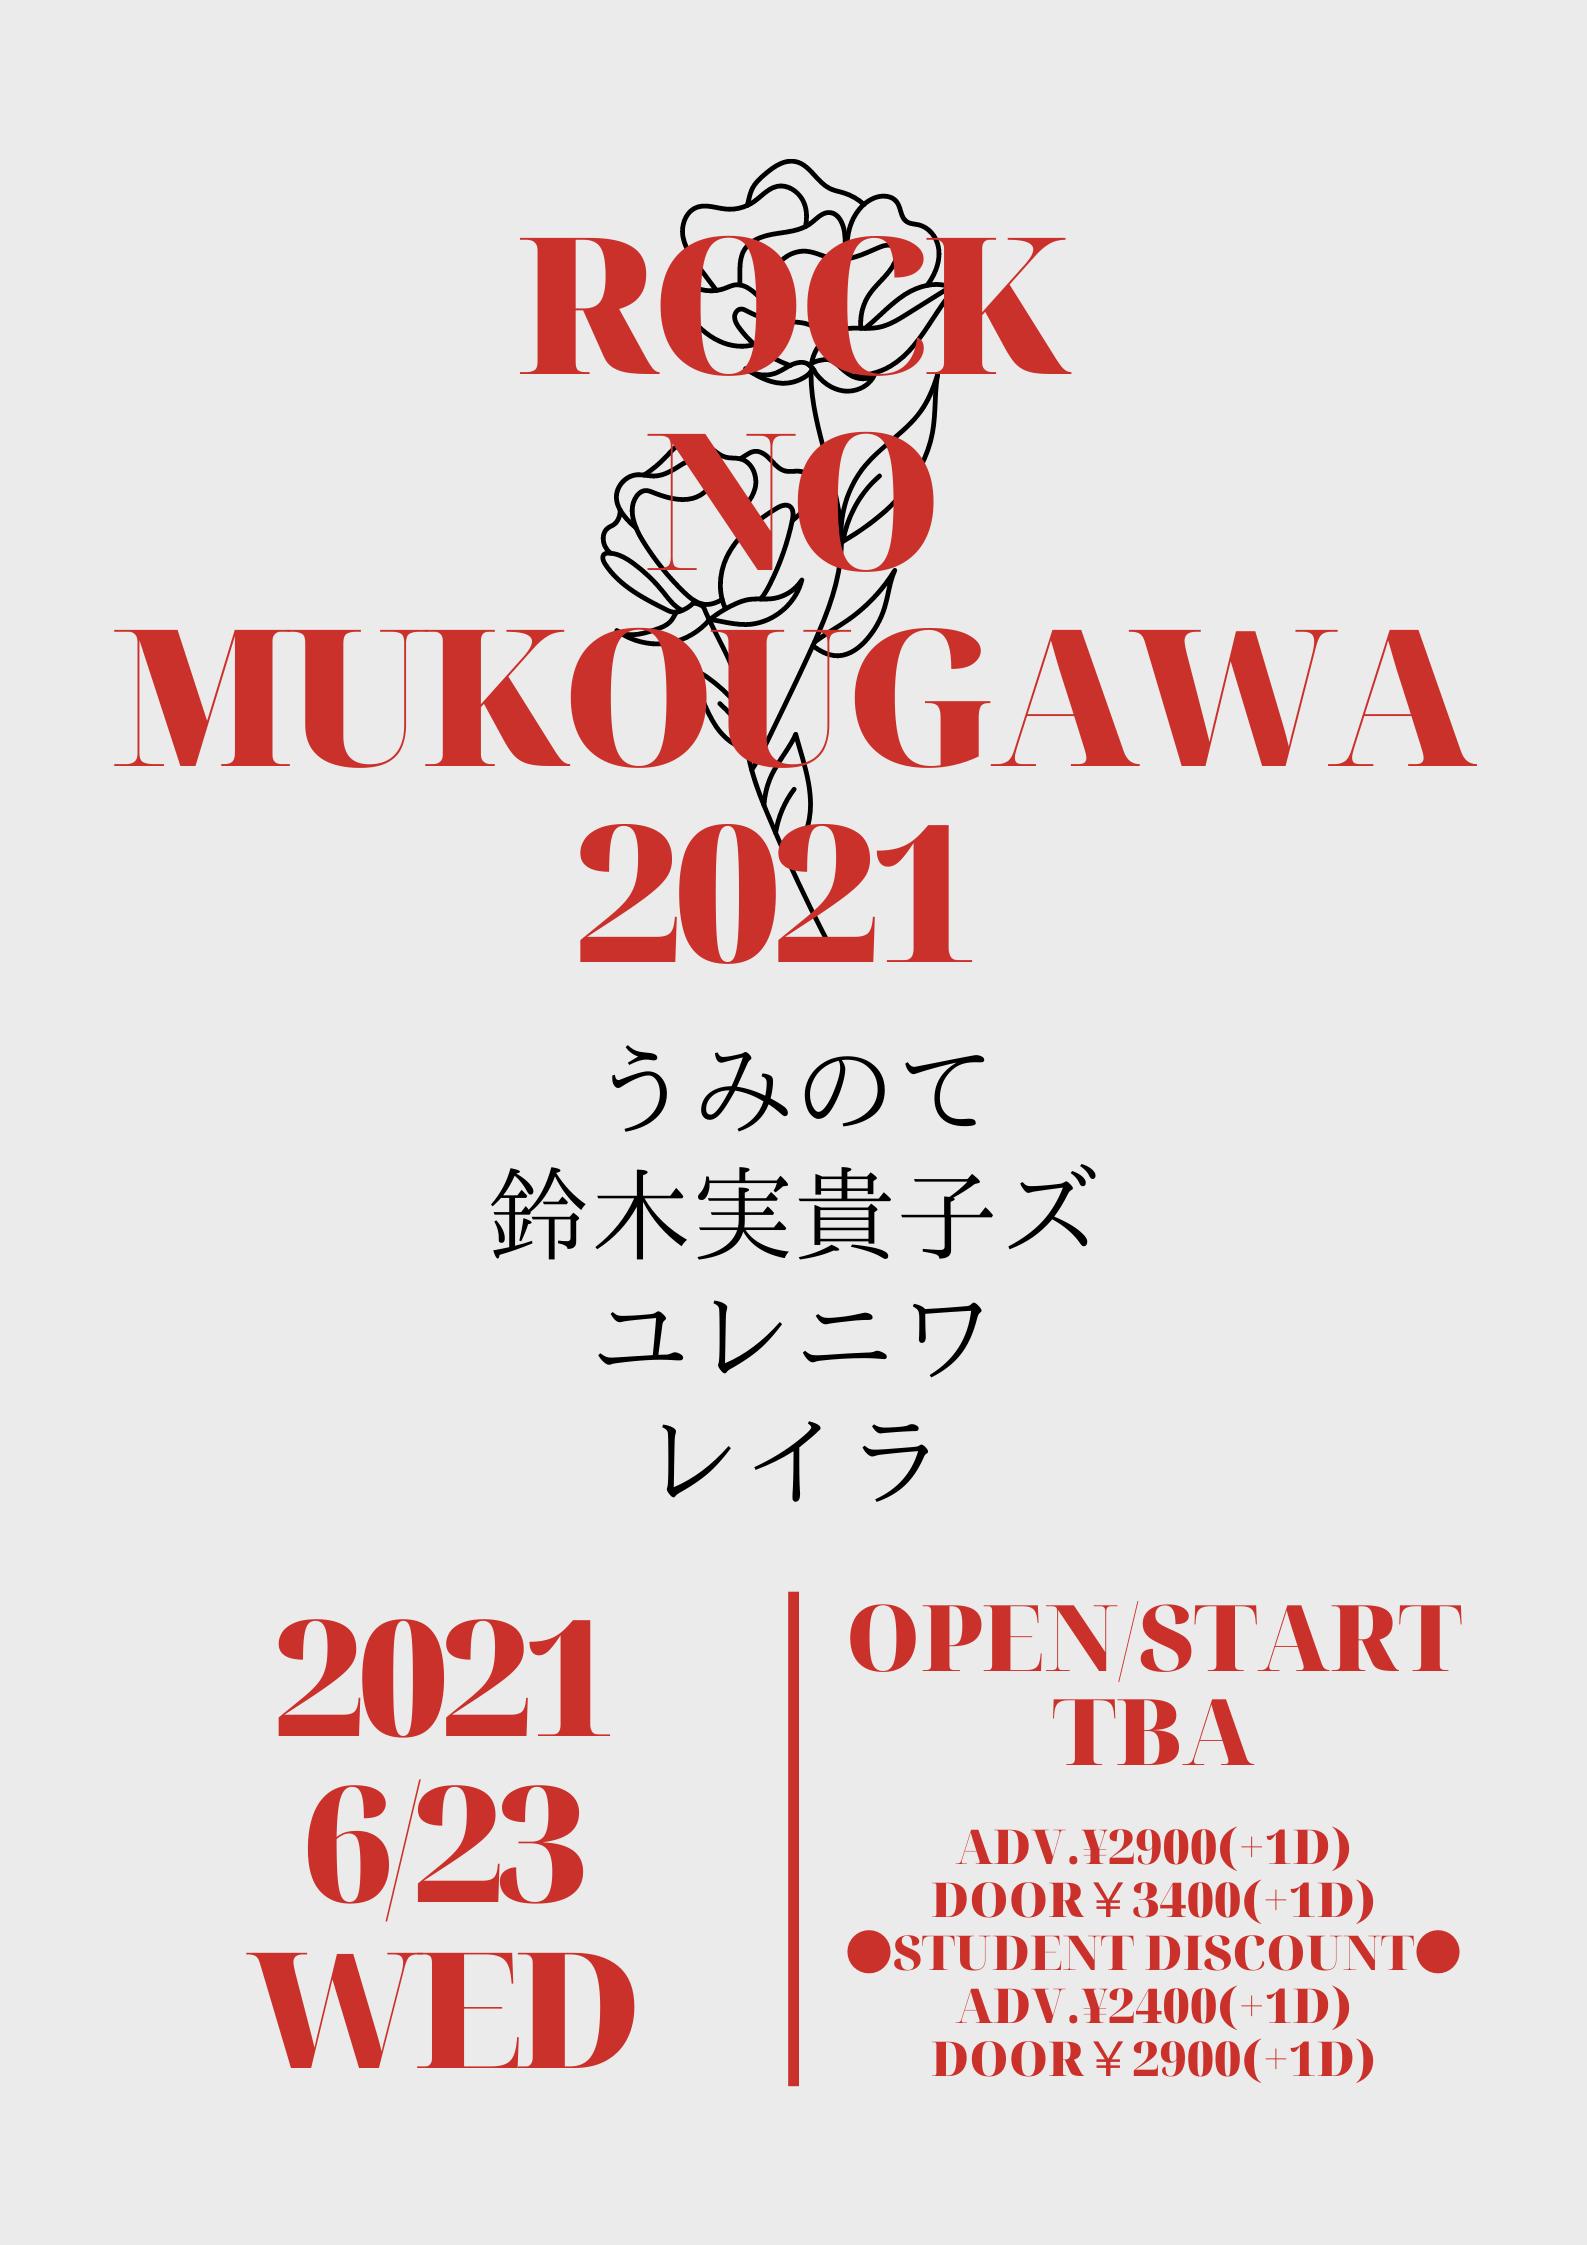 新宿Marble 17th ANNIVERSARY 「ROCKNOMUKOUGAWA2021」